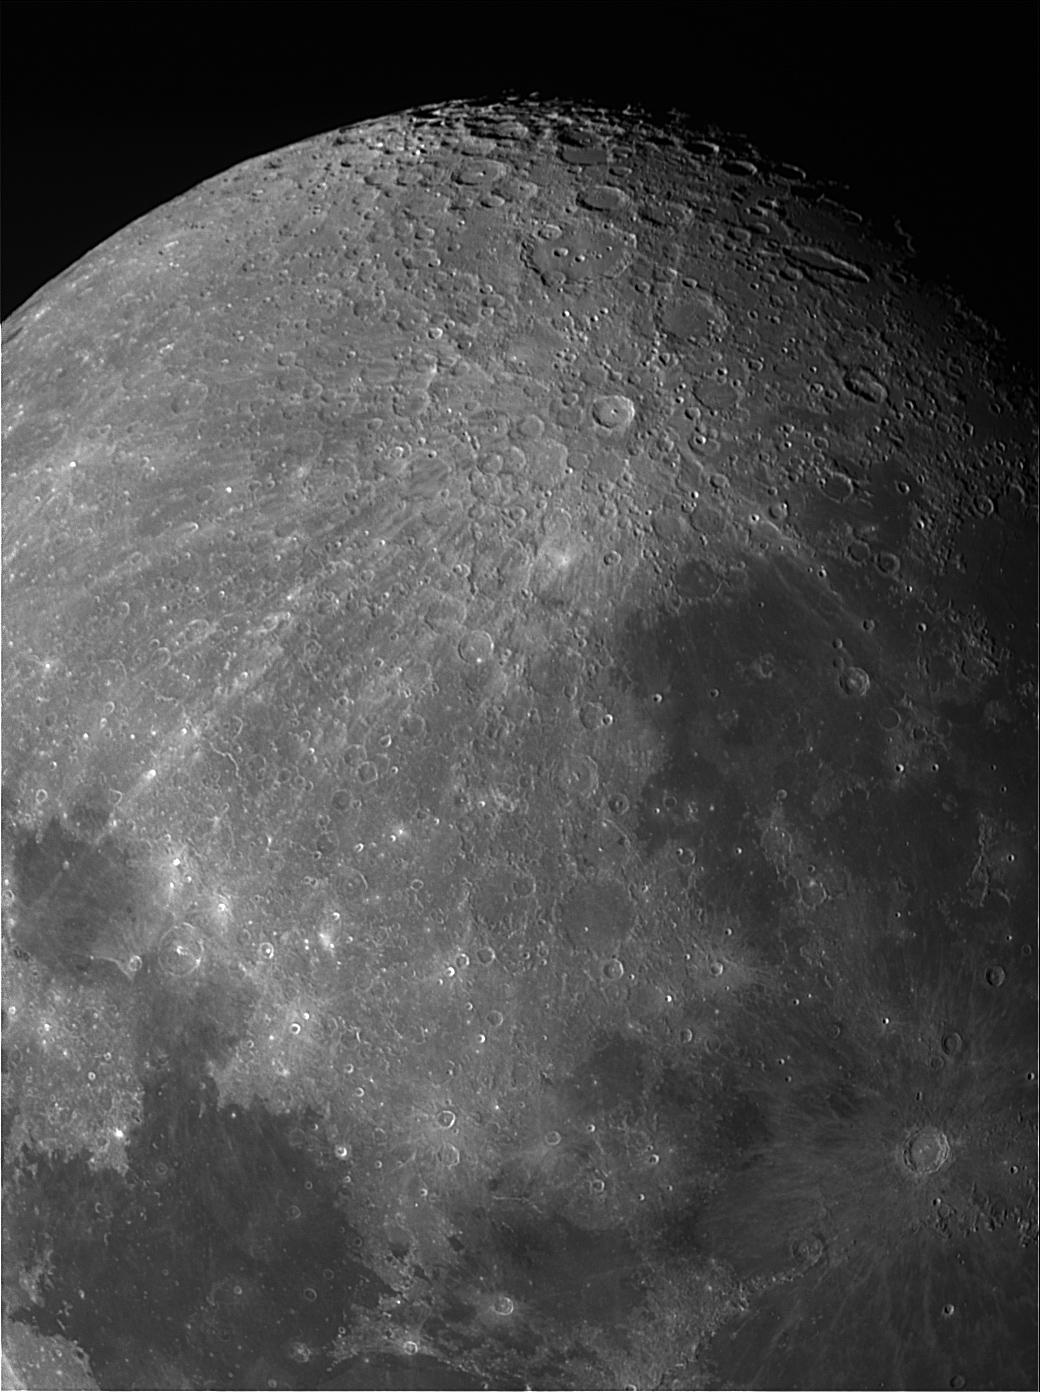 Test atik314 sur Lune au couchant Lune_aout